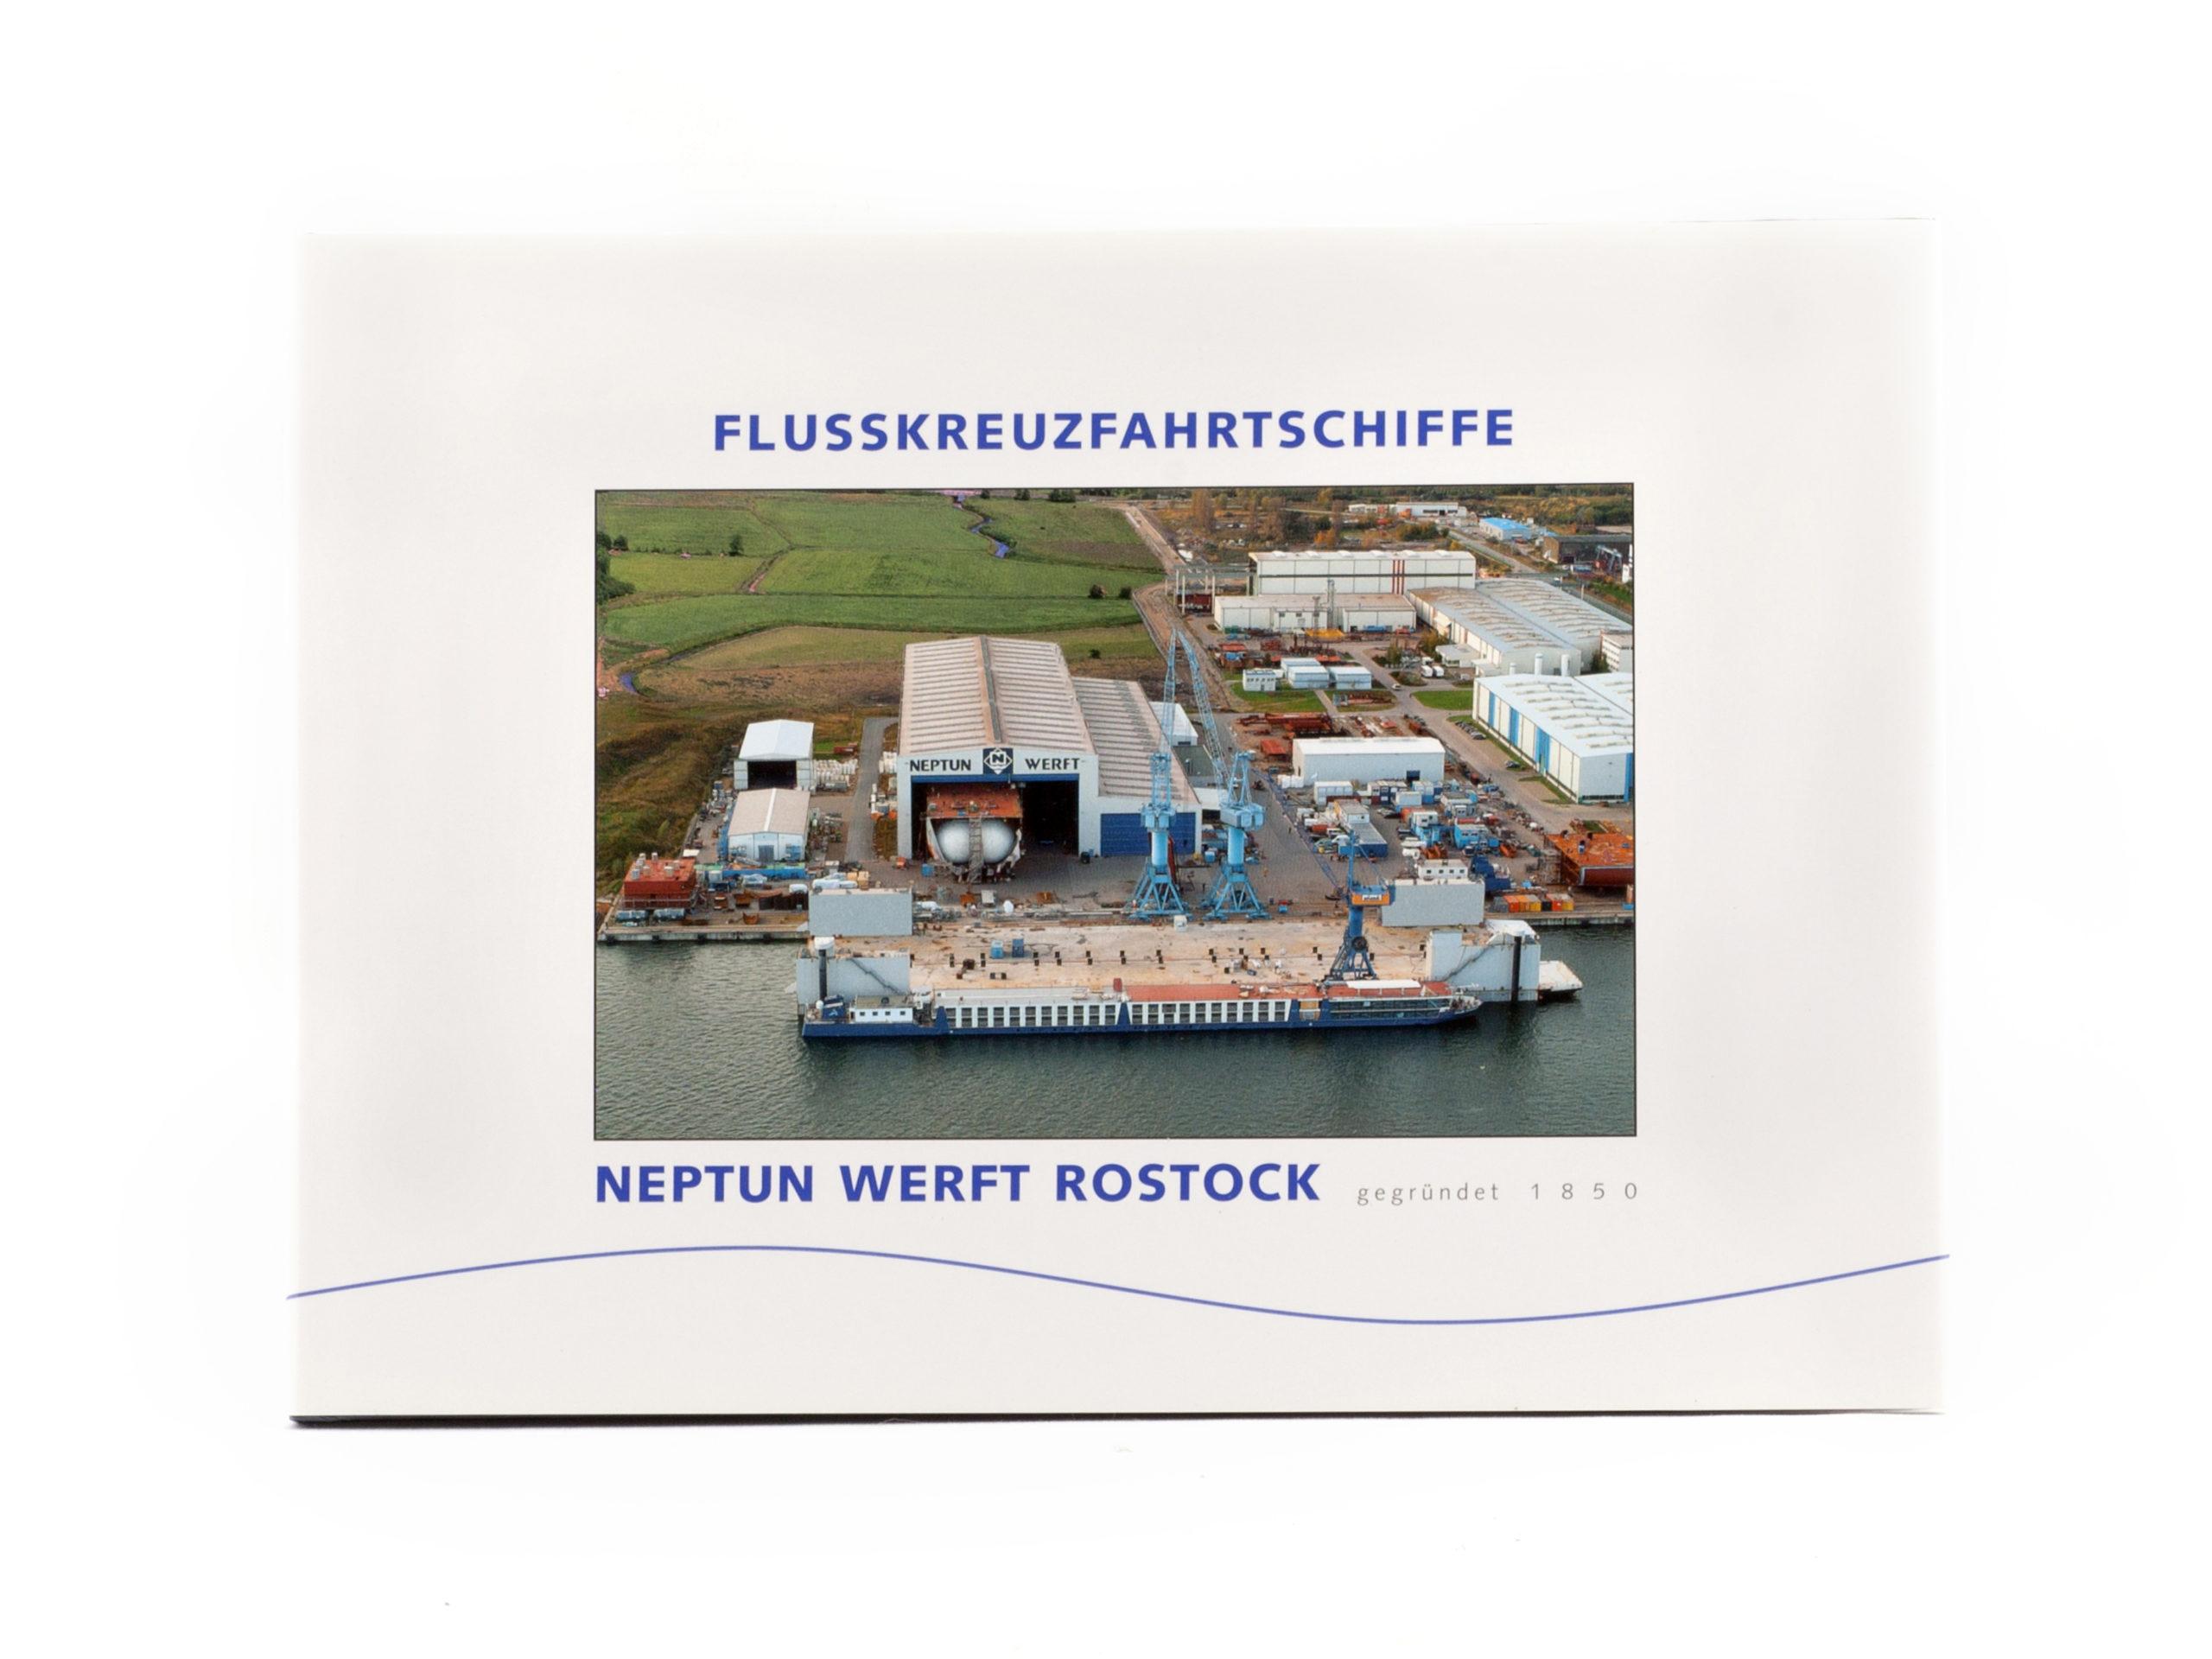 Jahrbuch Flusskreuzfahrtschiffe NEPTUN WERFT